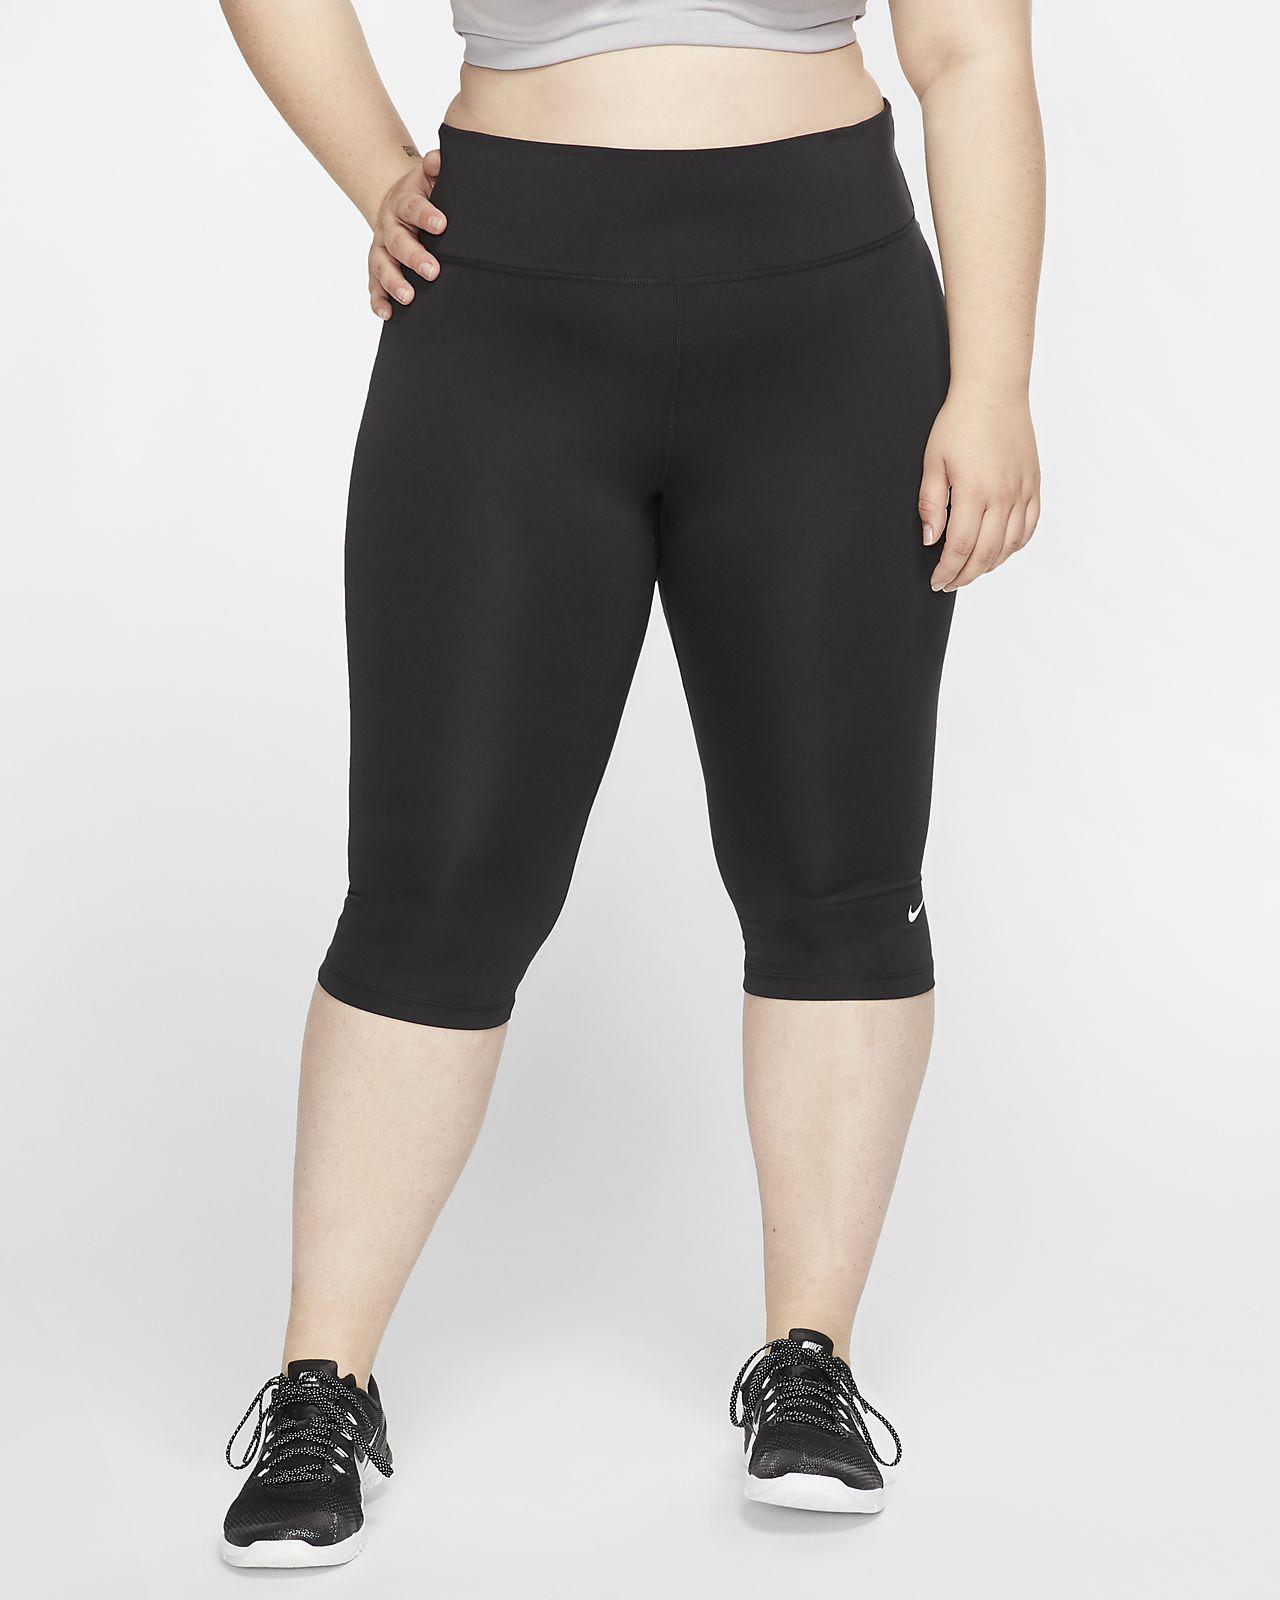 Nike One-capribukser til kvinder (Plus Size)